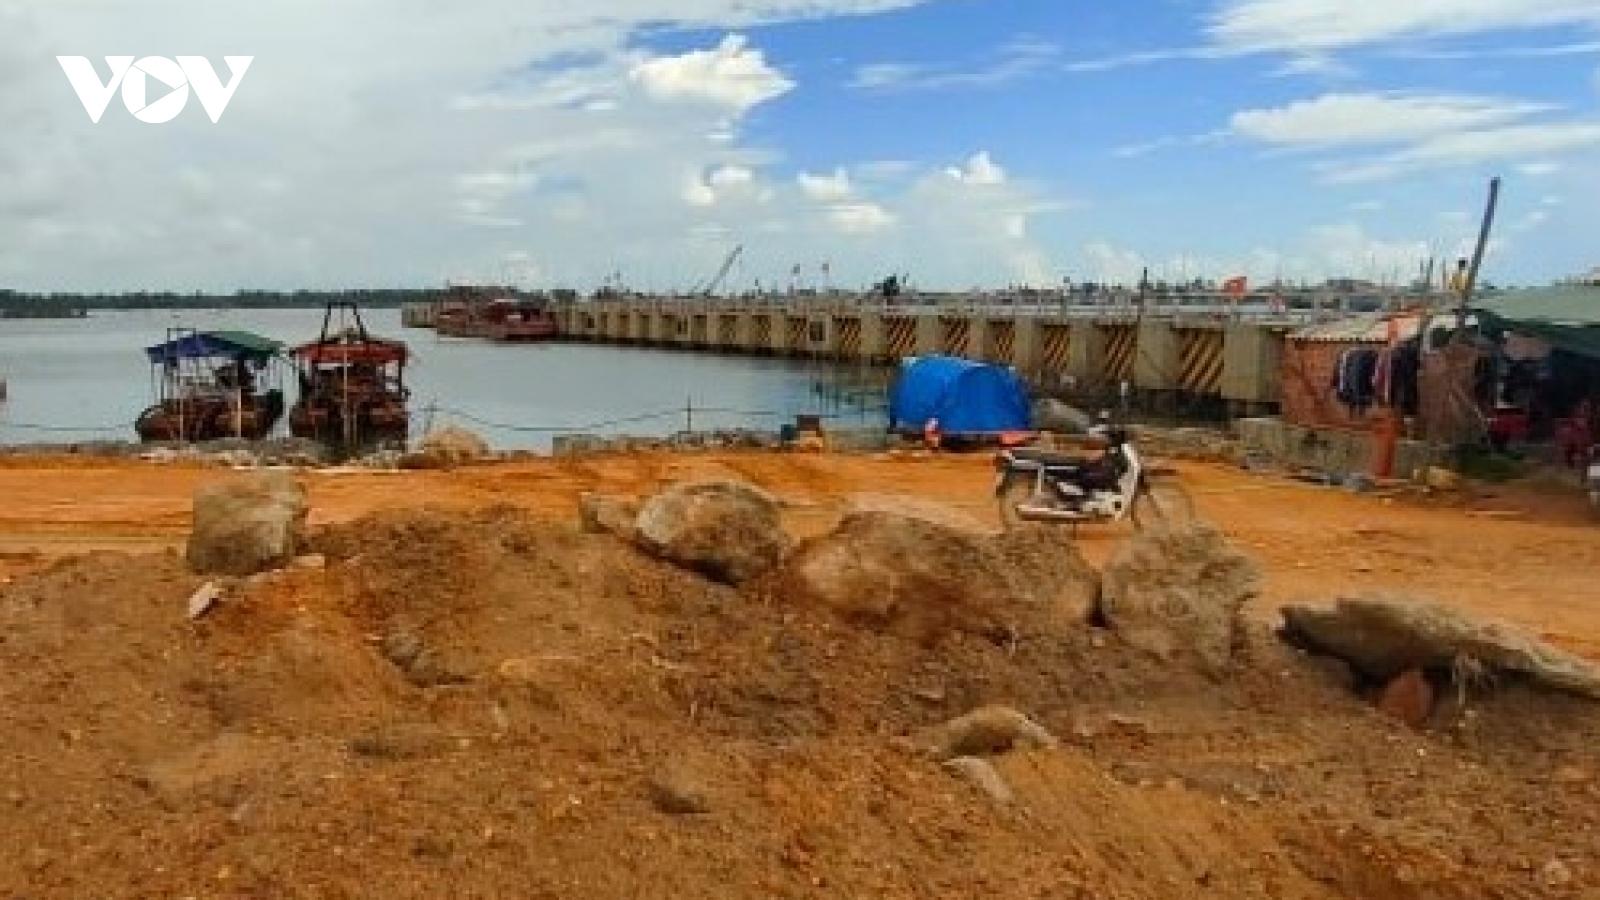 """Dự án """"Xây dựng, nâng cấp cơ sở hạ tầng nghề cá"""" ở Thừa Thiên Huế chậm tiến độ"""